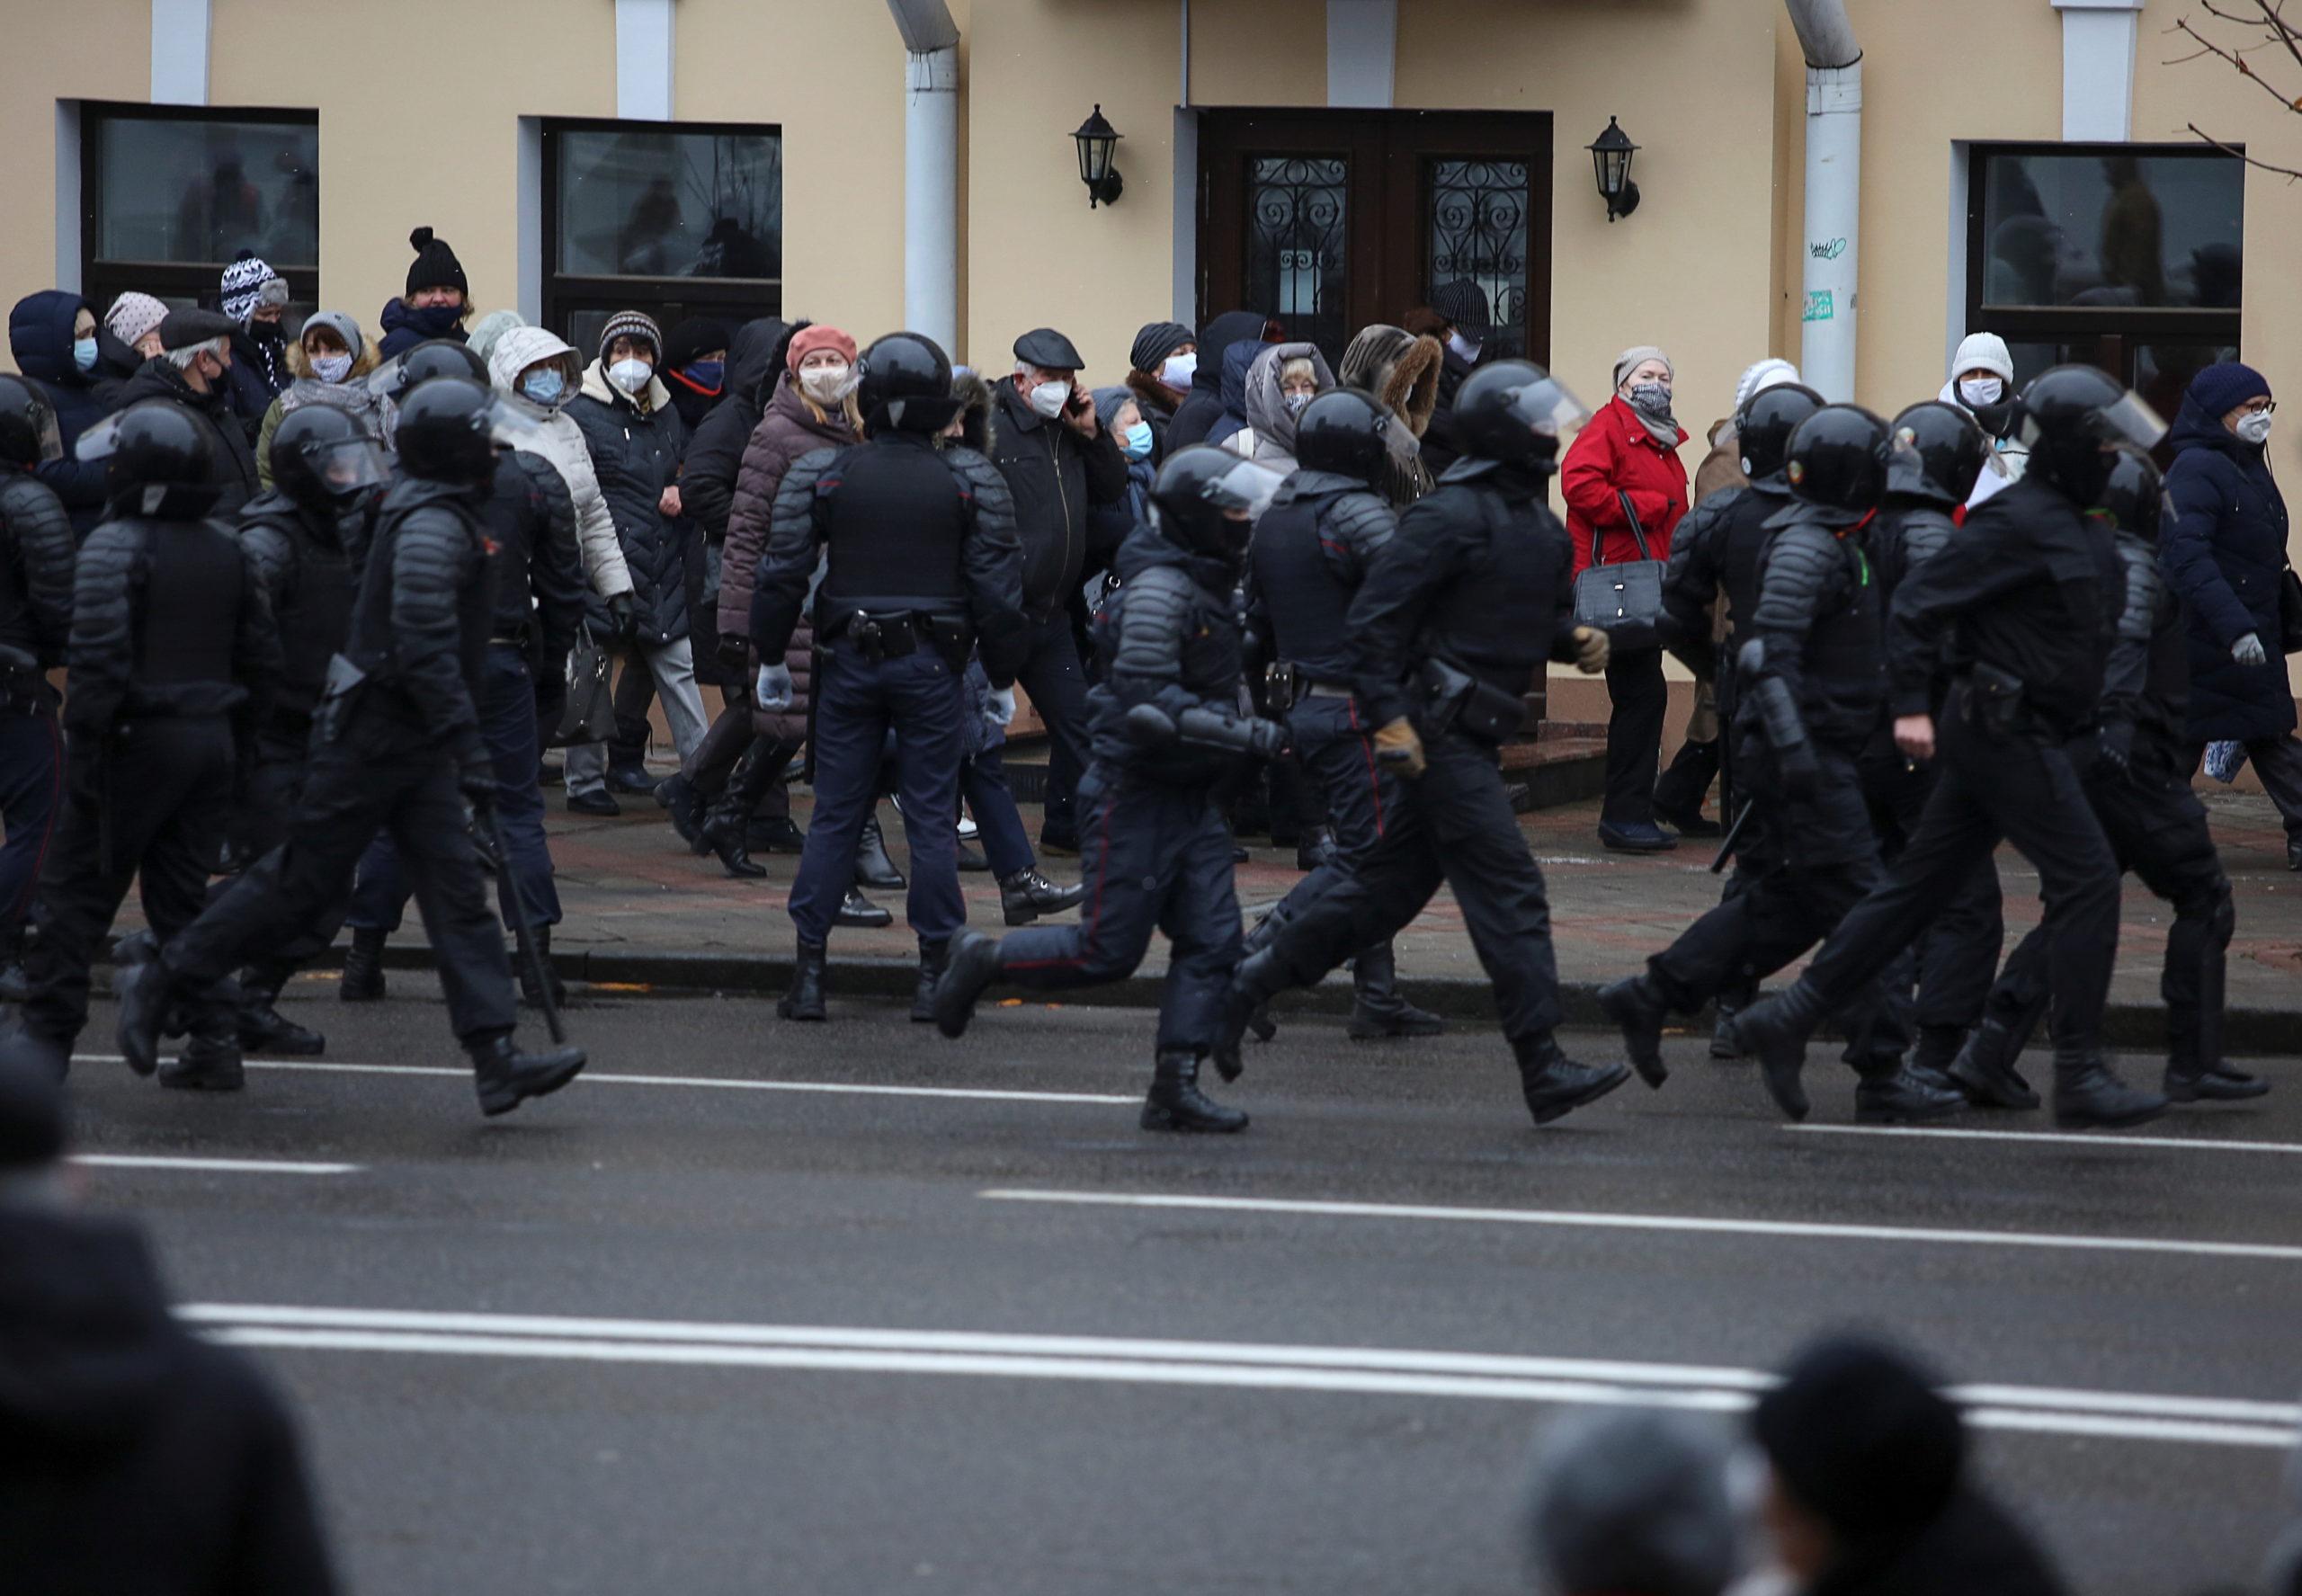 У Мінську під час протестів затримали понад 300 людей: фото